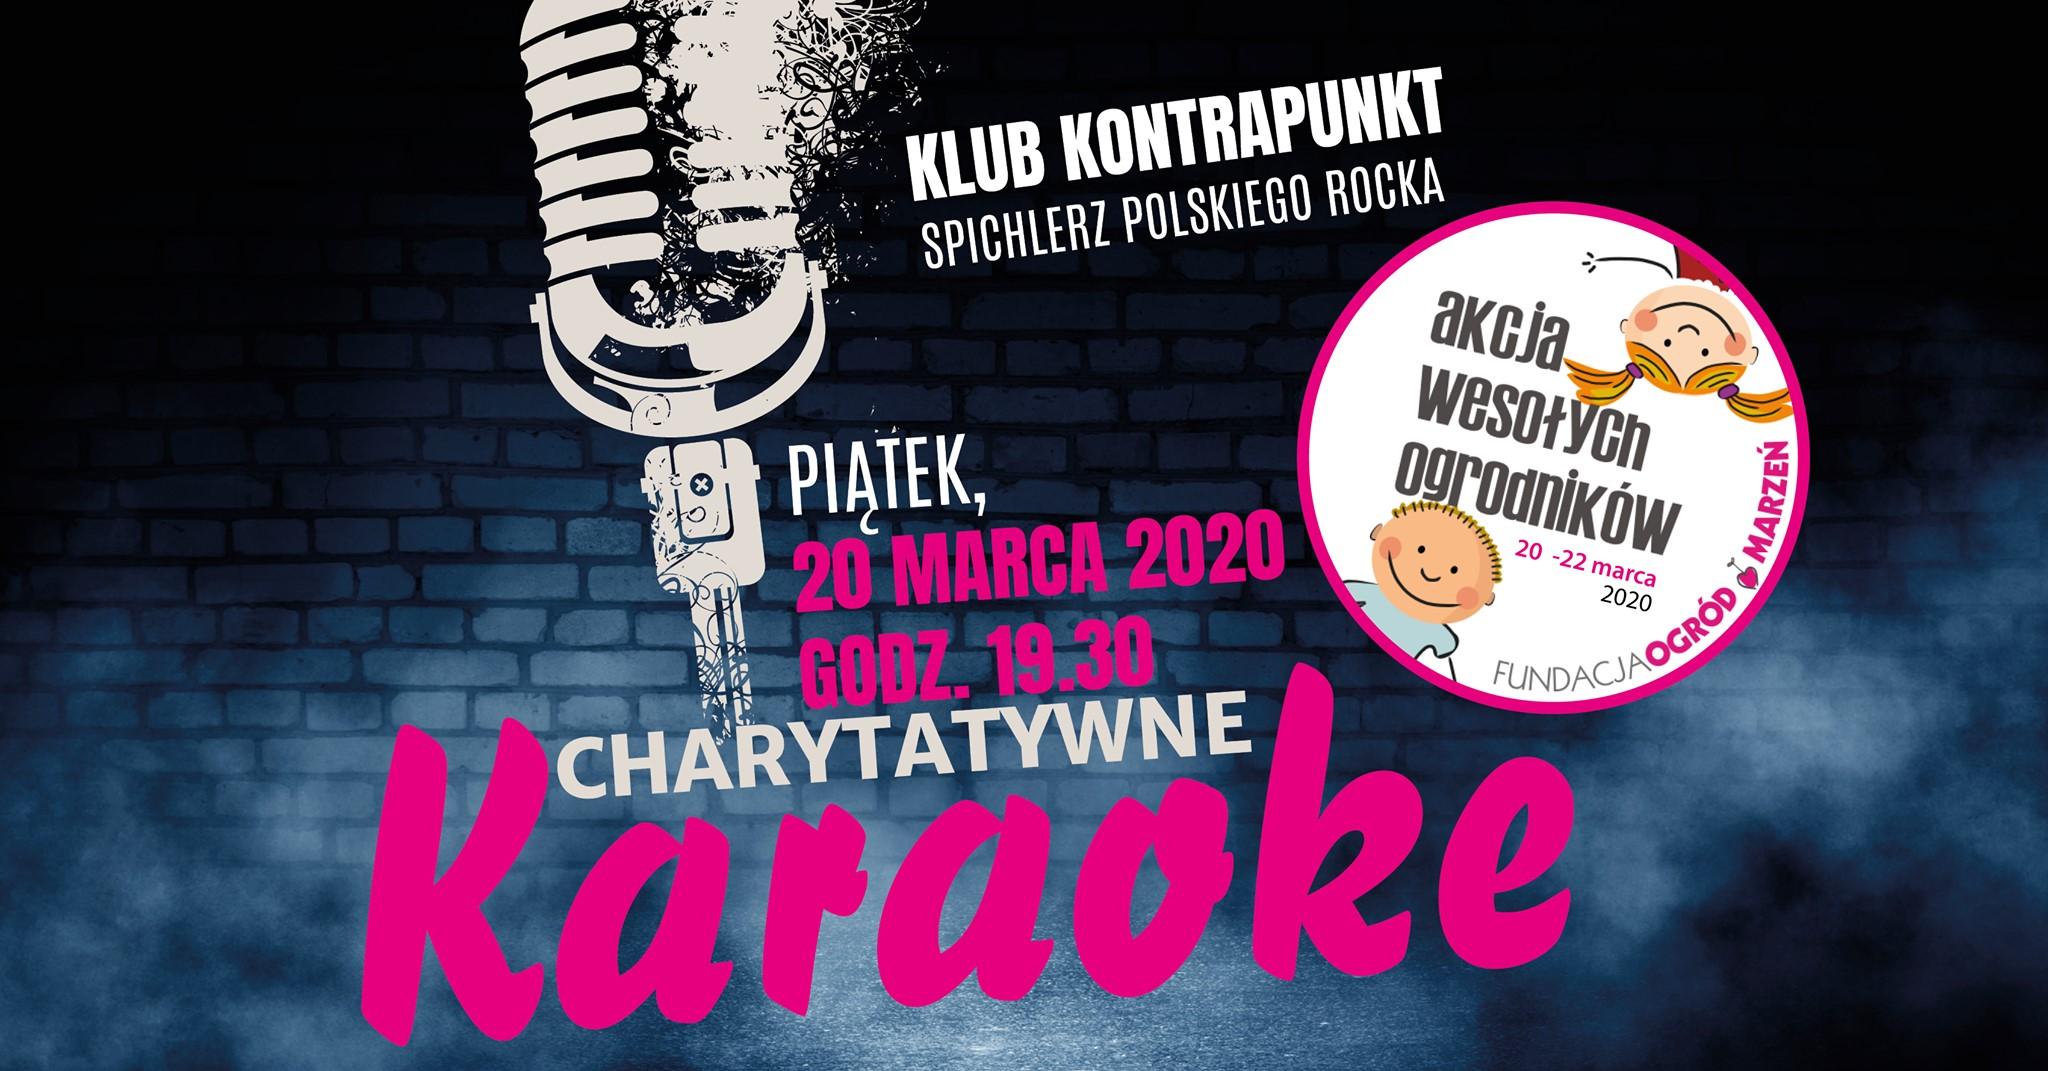 Charytatywne Karaoke w Klubie Kontrapunkt w najbliższy piątek. Zapraszamy! Polecamy! [aktualizacja] – KARAOKE ODWOŁANE